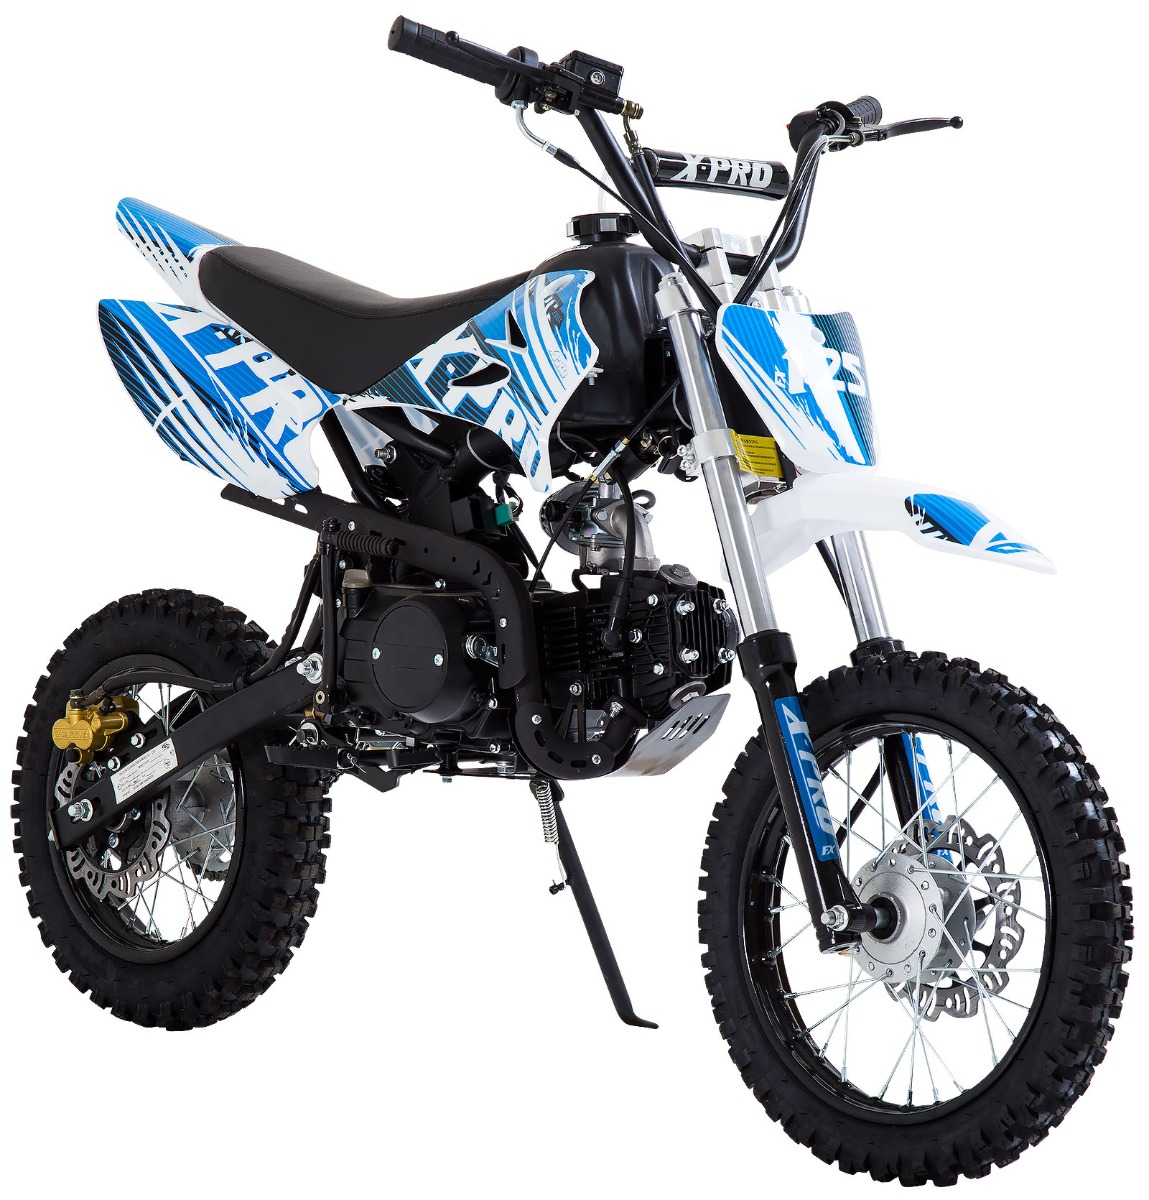 X-Pro FX 125cc